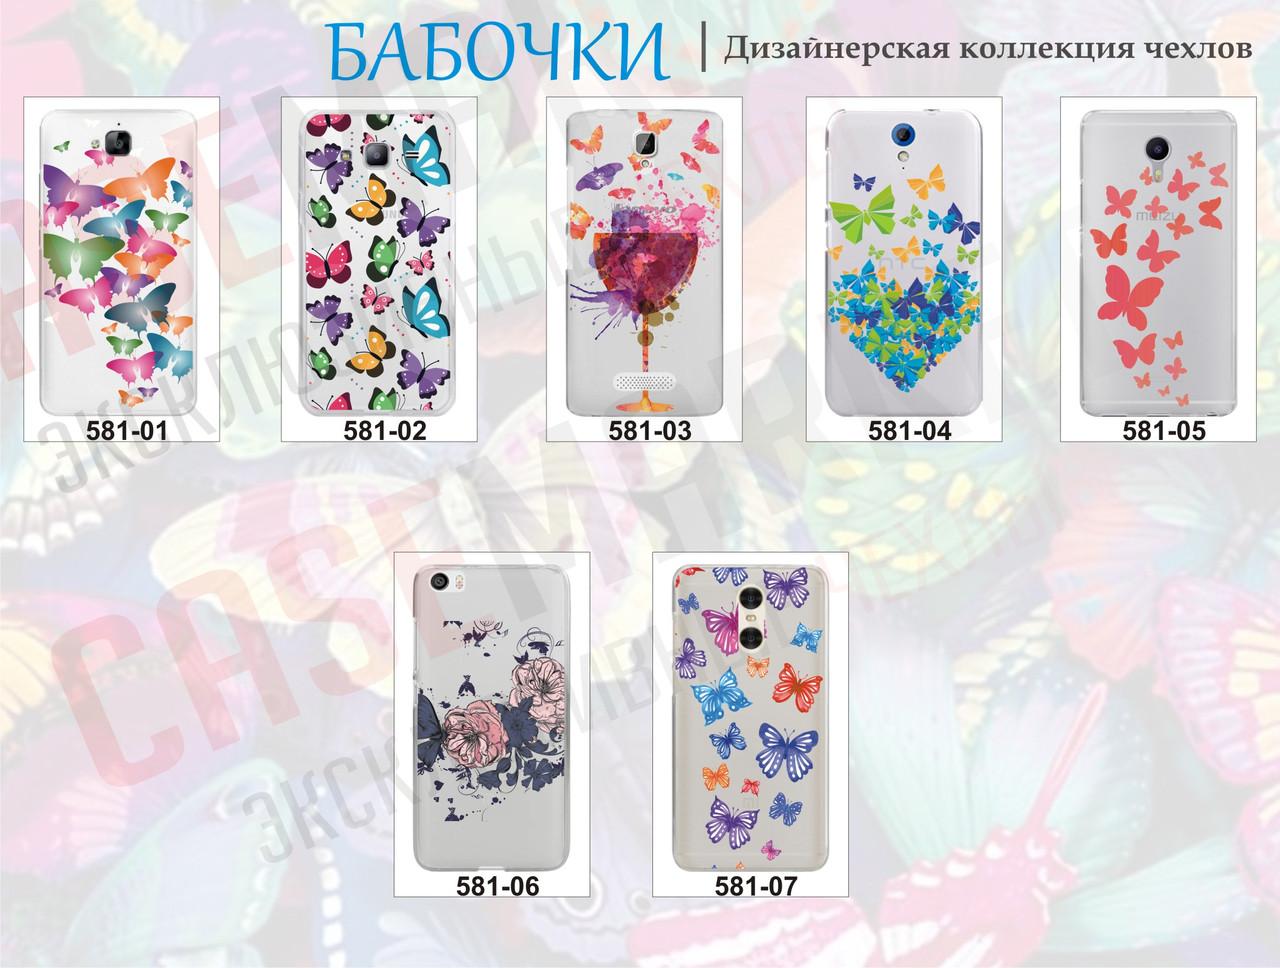 Прозорий чохол з малюнком для Meizu U10 силіконовий ( фрукти, метелики, сови, черепа, губи, тварини )